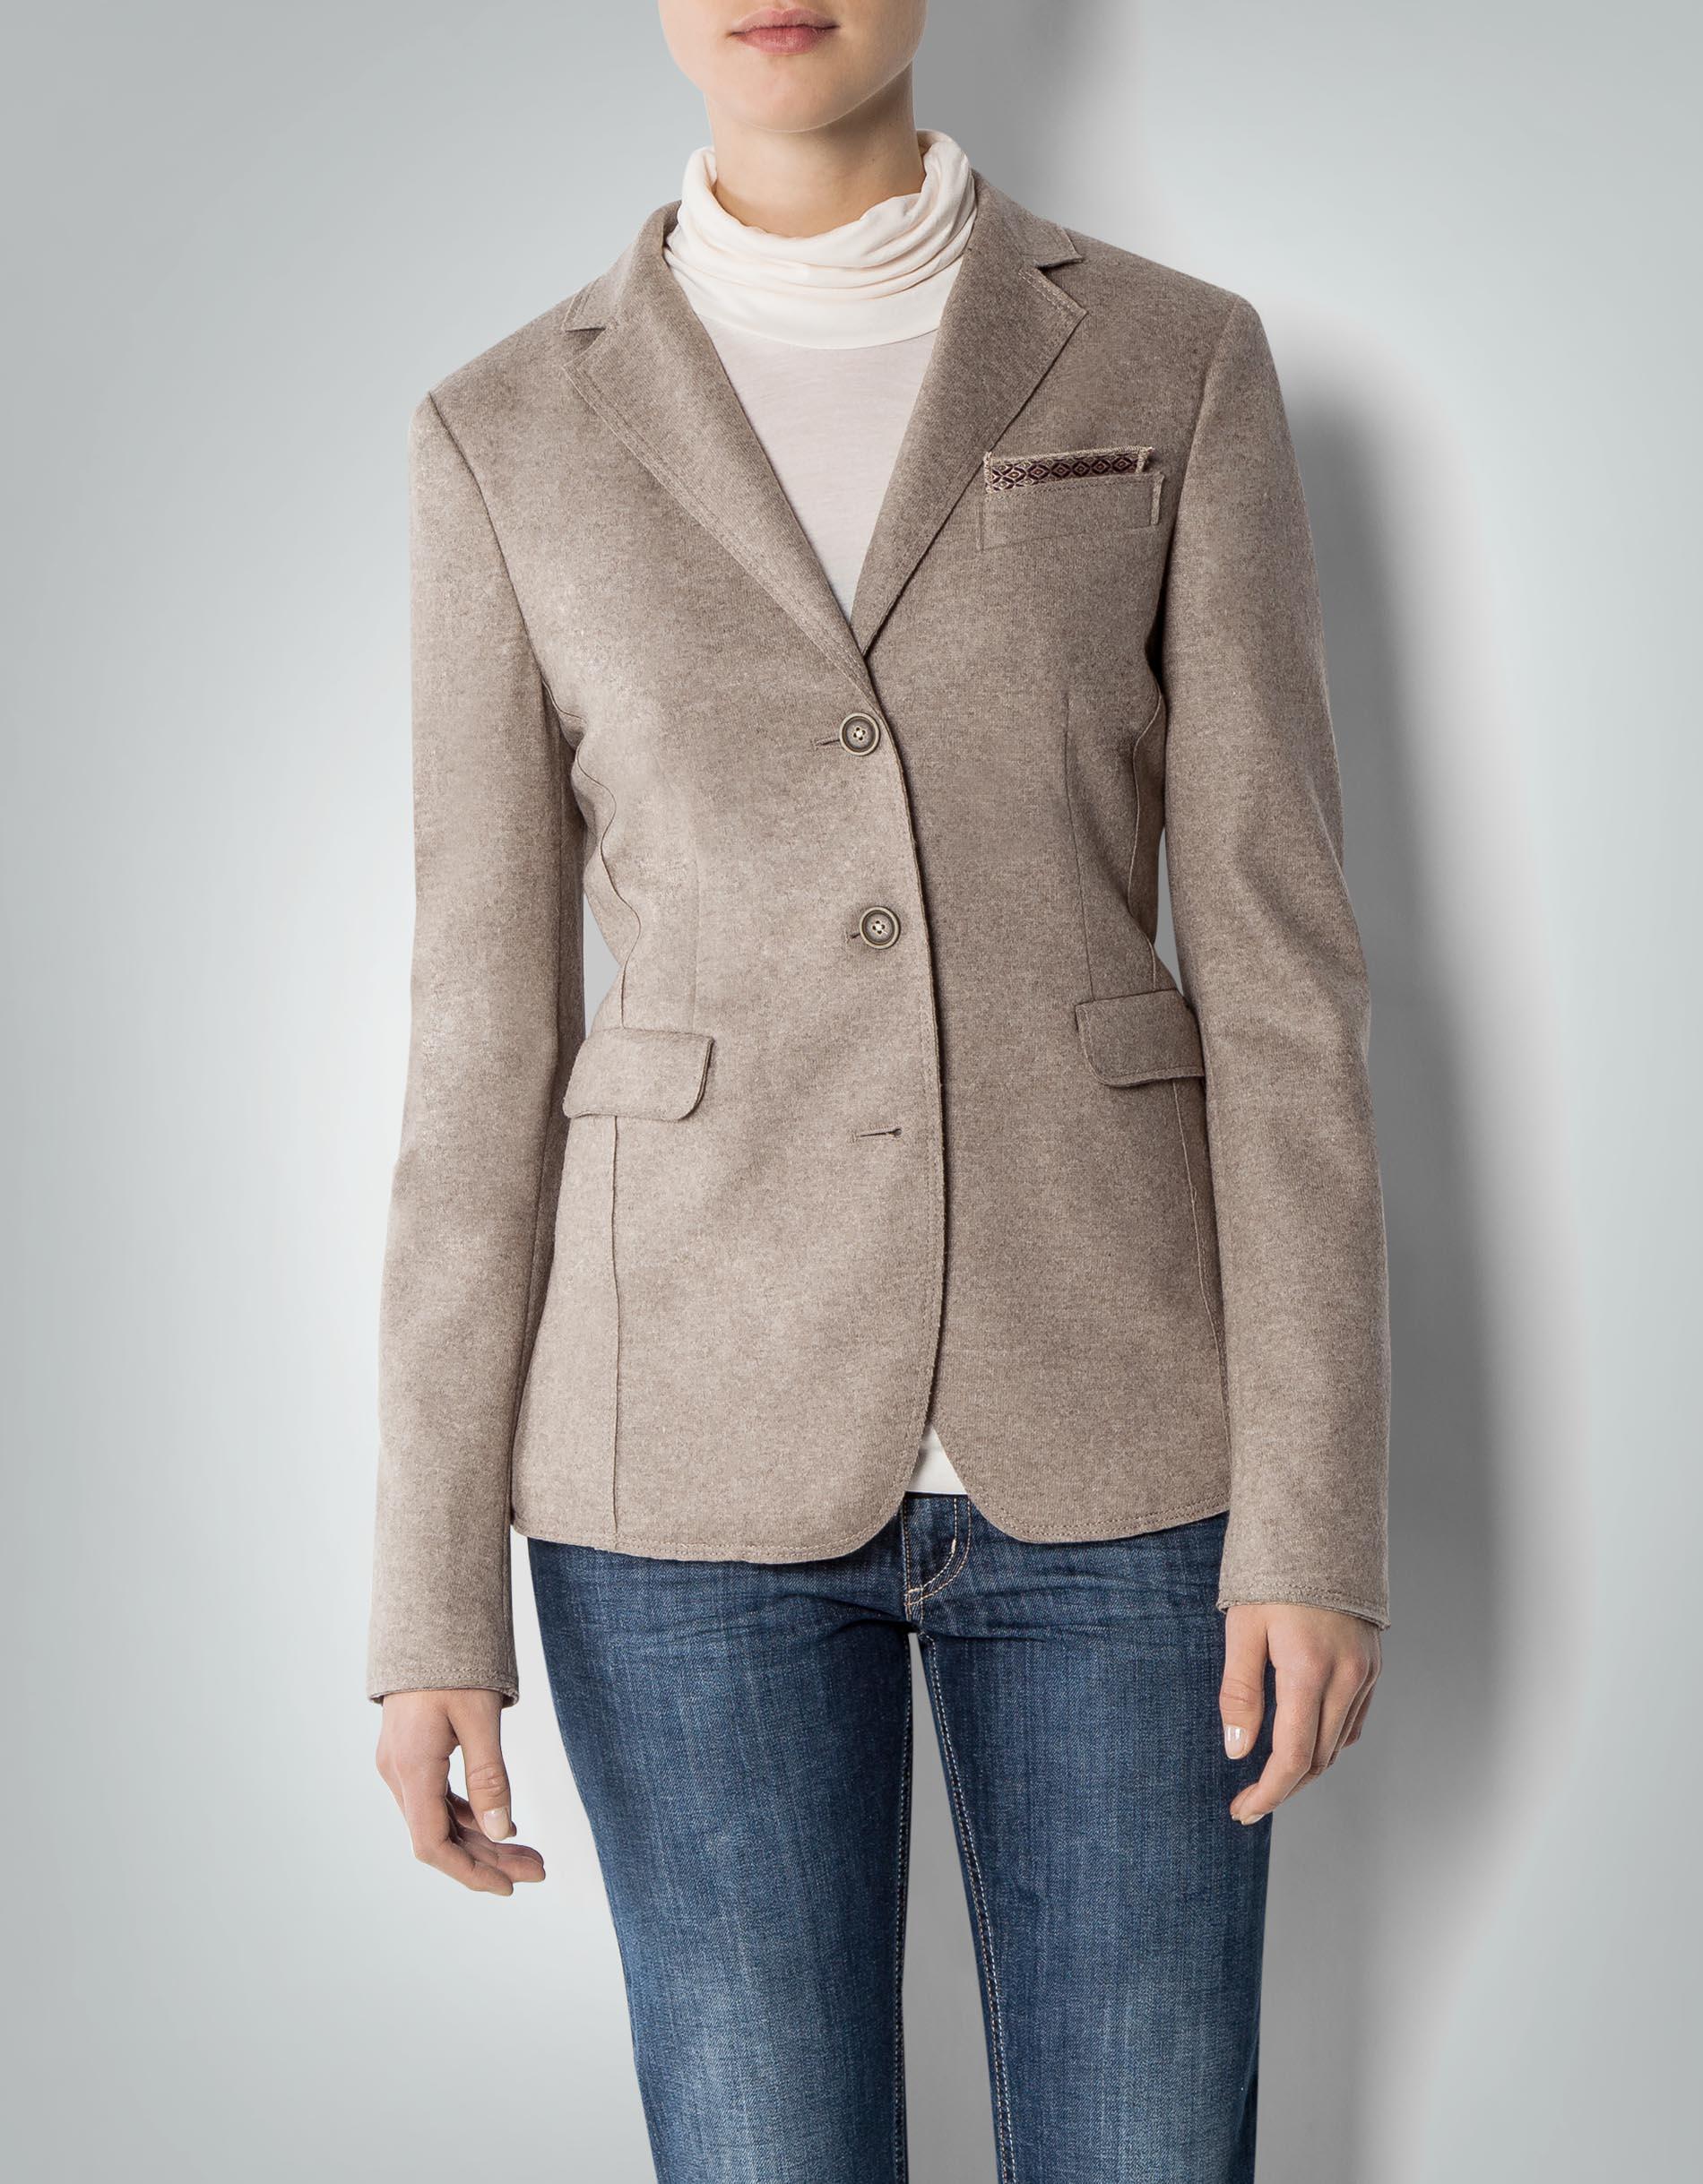 cinque damen blazer cibig beige aus schurwolle empfohlen von deinen schwestern. Black Bedroom Furniture Sets. Home Design Ideas